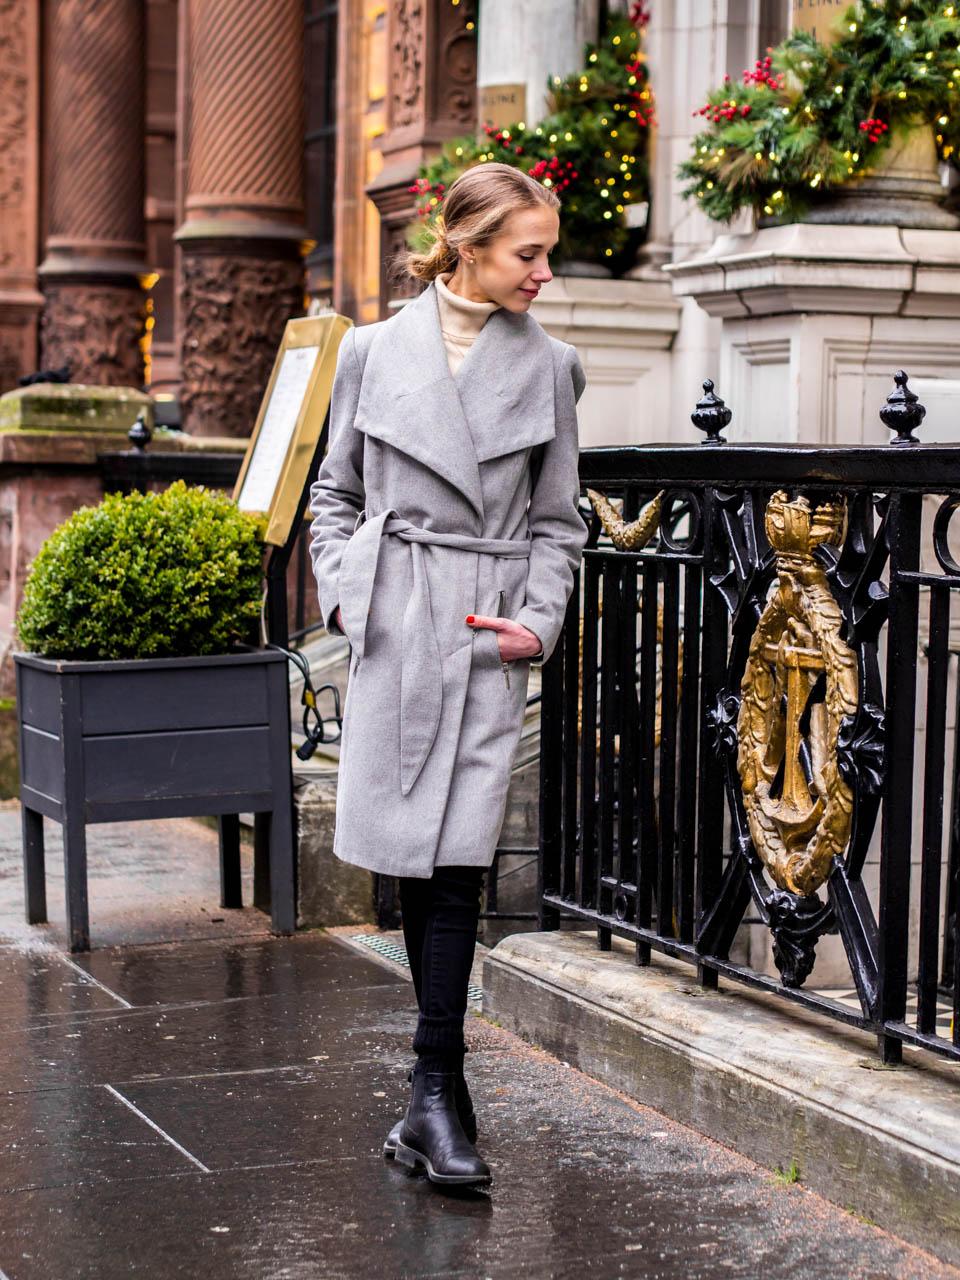 Minimal chic winter outfit inspiration with grey wool coat - Minimalistinen talvimuoti + harmaa villakangastakki